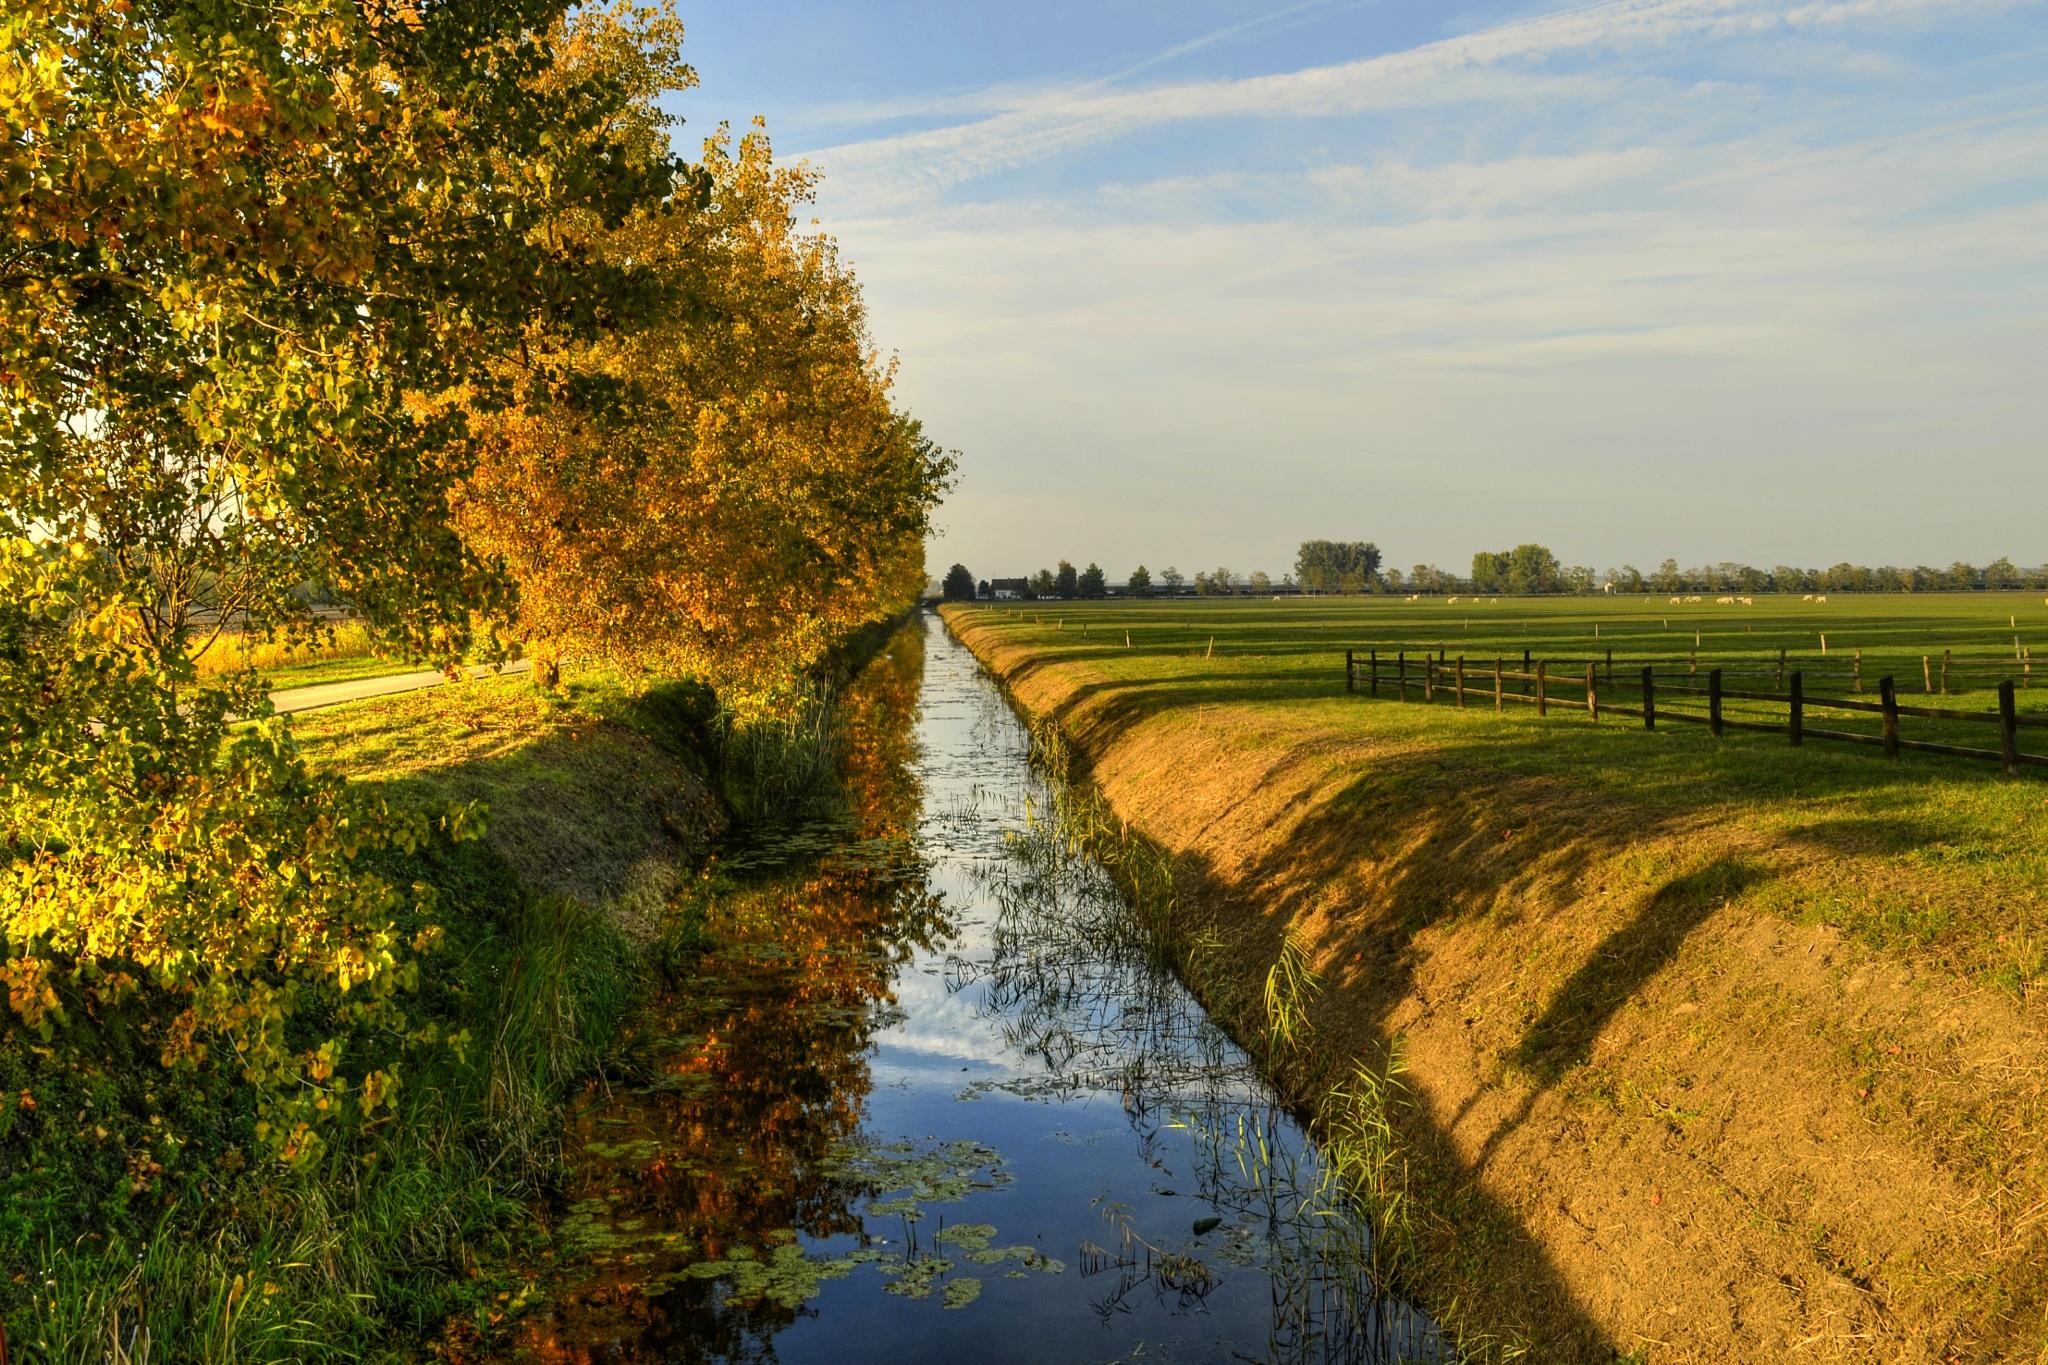 Baranja beautiful autumn by Nenad Milic